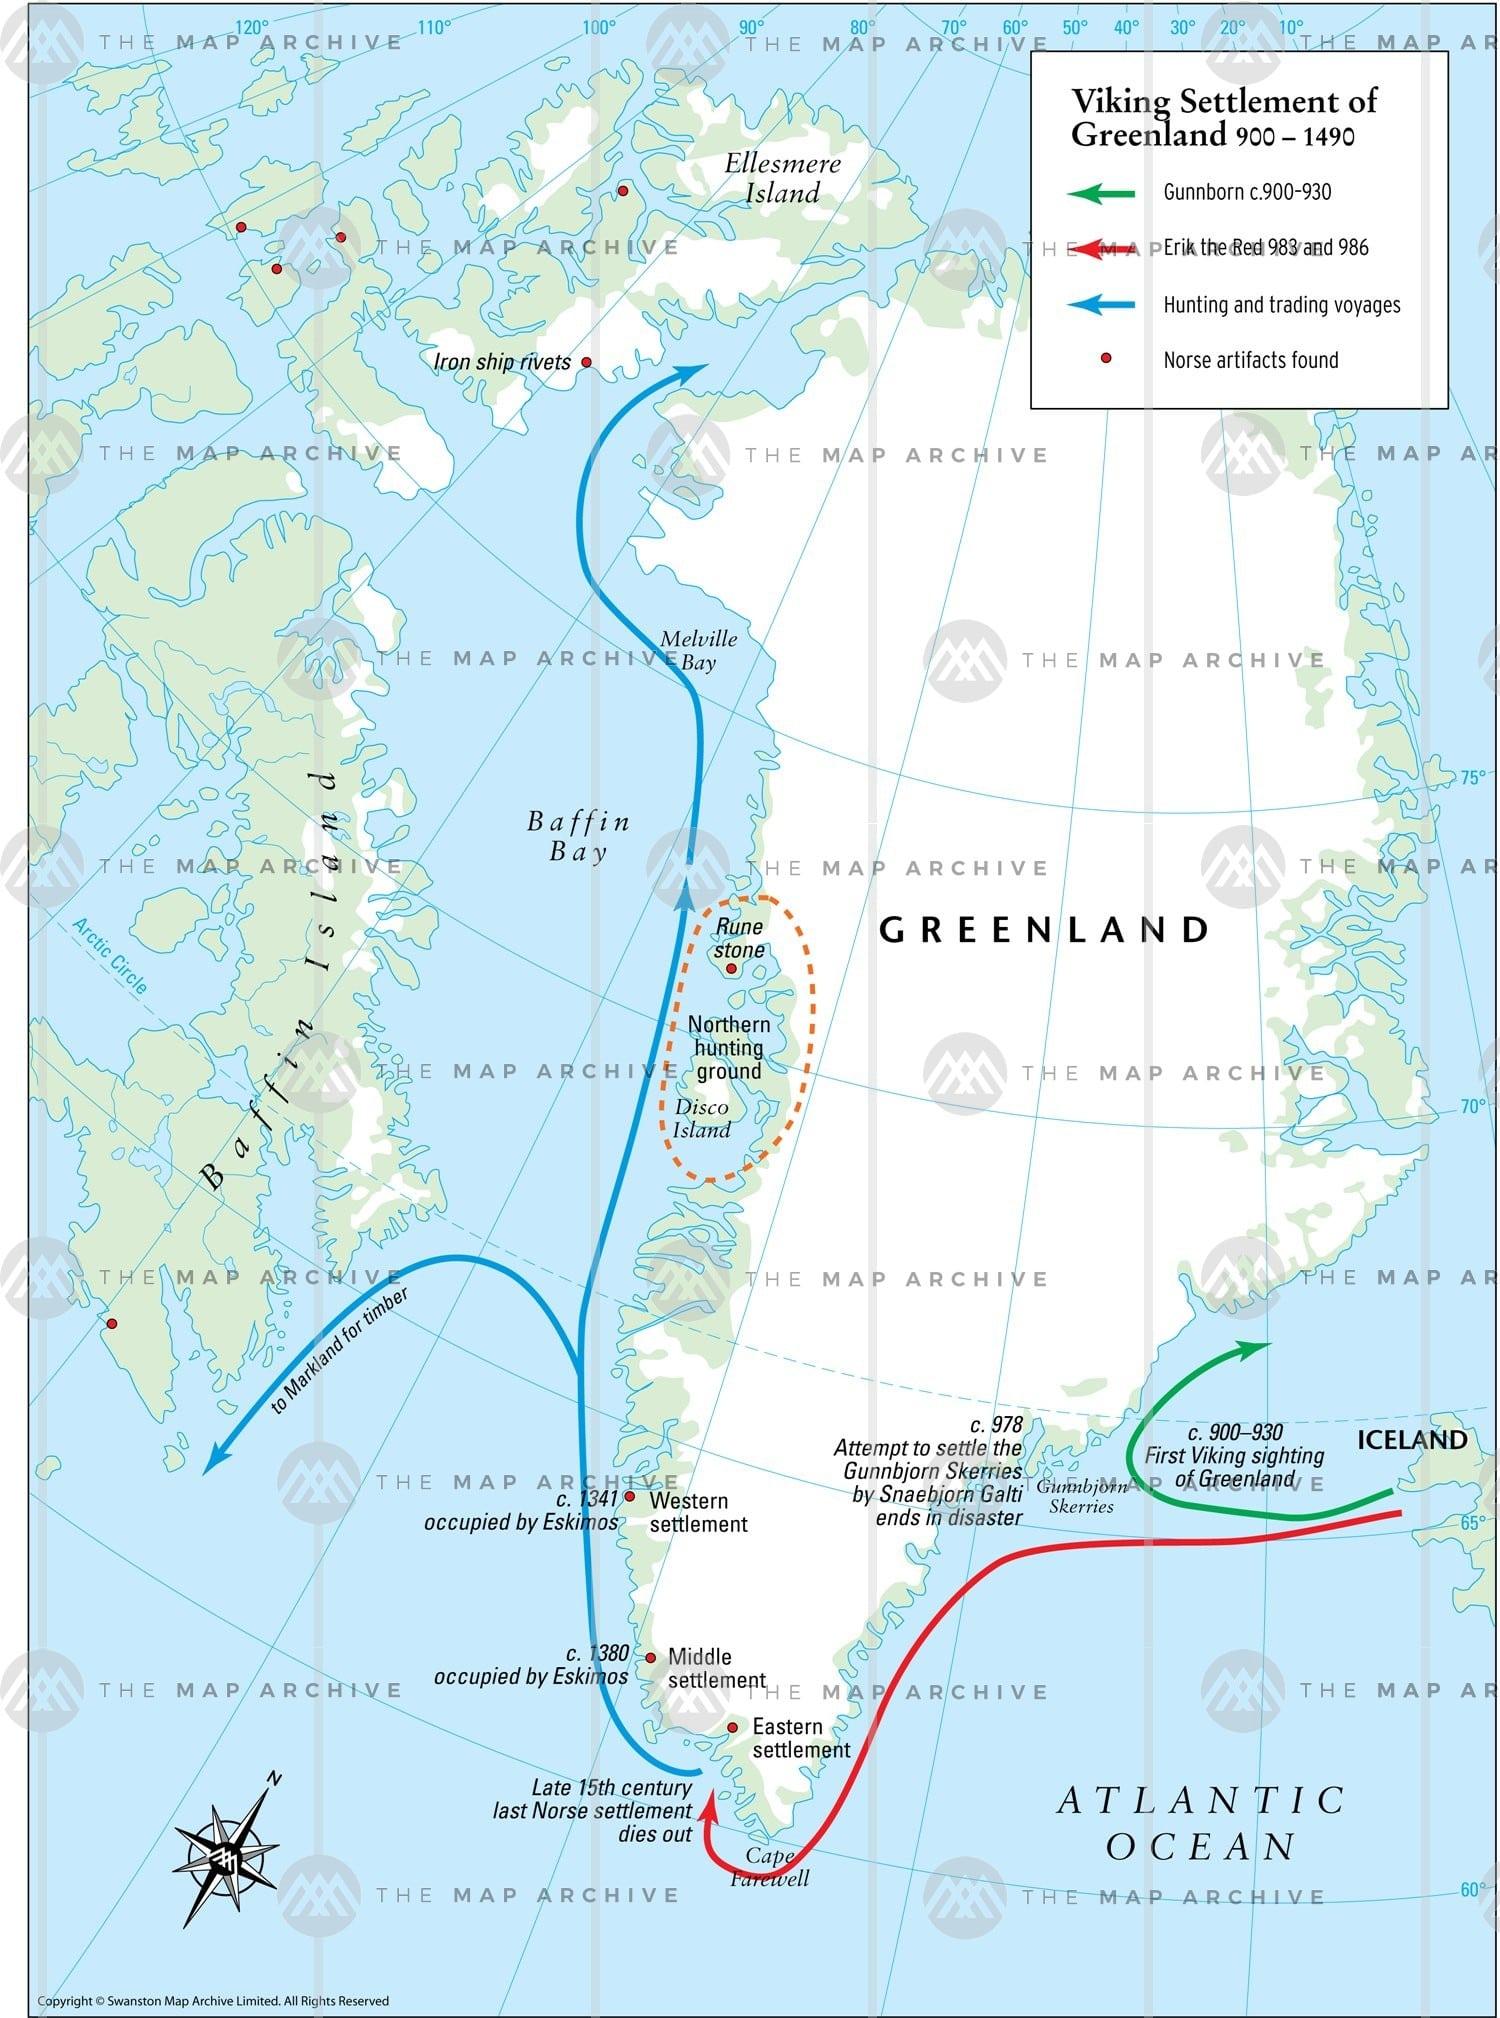 Vùng lãnh thổ Đảo Greenland băng phủ 80% nhưng giàu Đất Hiếm